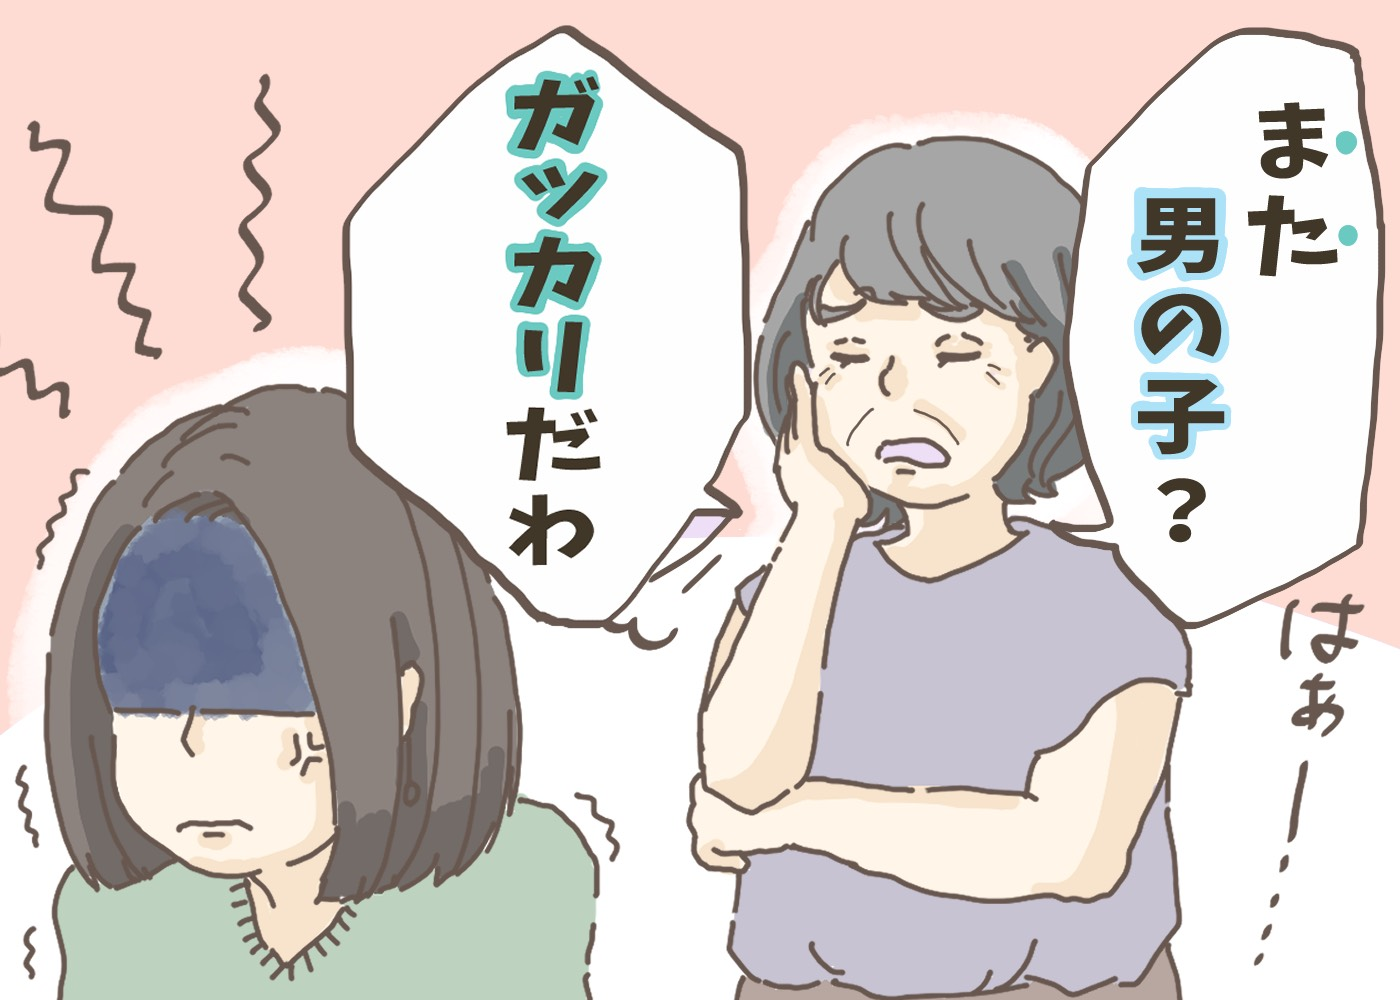 「また男の子?」産前産後のママたちを追い込む、義父母のトンデモ言動【前編】